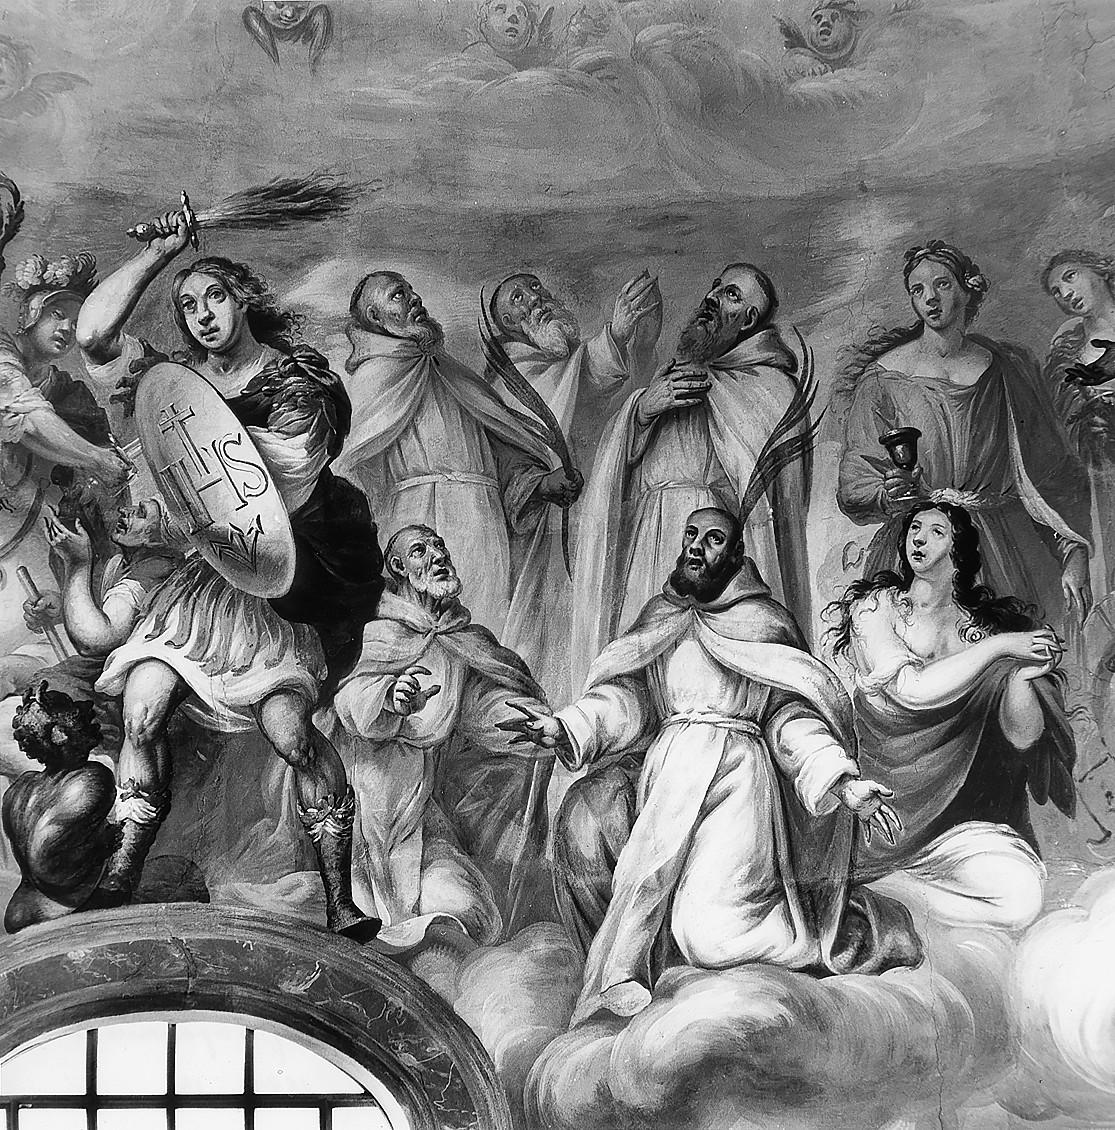 9 il. Šv. Mykolas arkangelas ir penki benediktinų kankiniai. Šventųjų rato fragmentas. Fot. Jonas Šaparauskas. 1988 m.